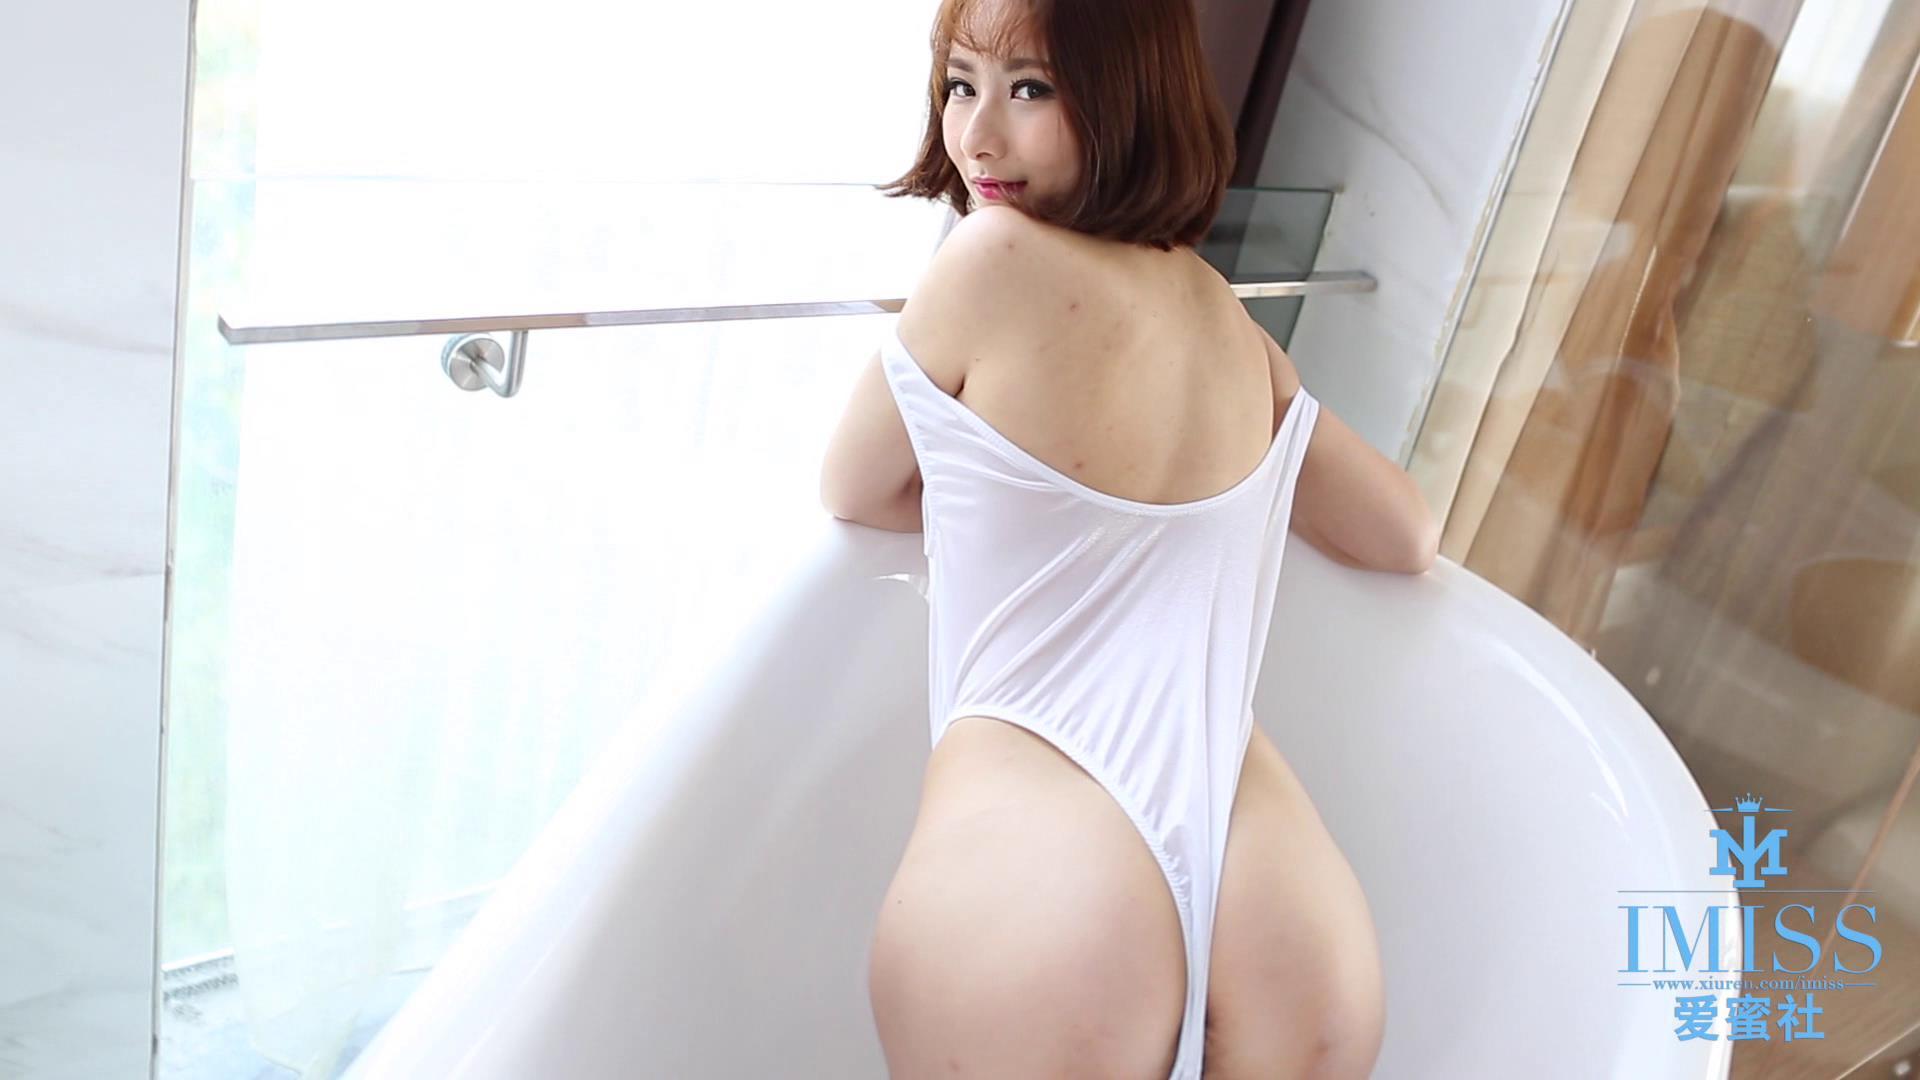 [IMiss爱蜜社]2016.07.21 VN.009 模特合集[1V/332MB]